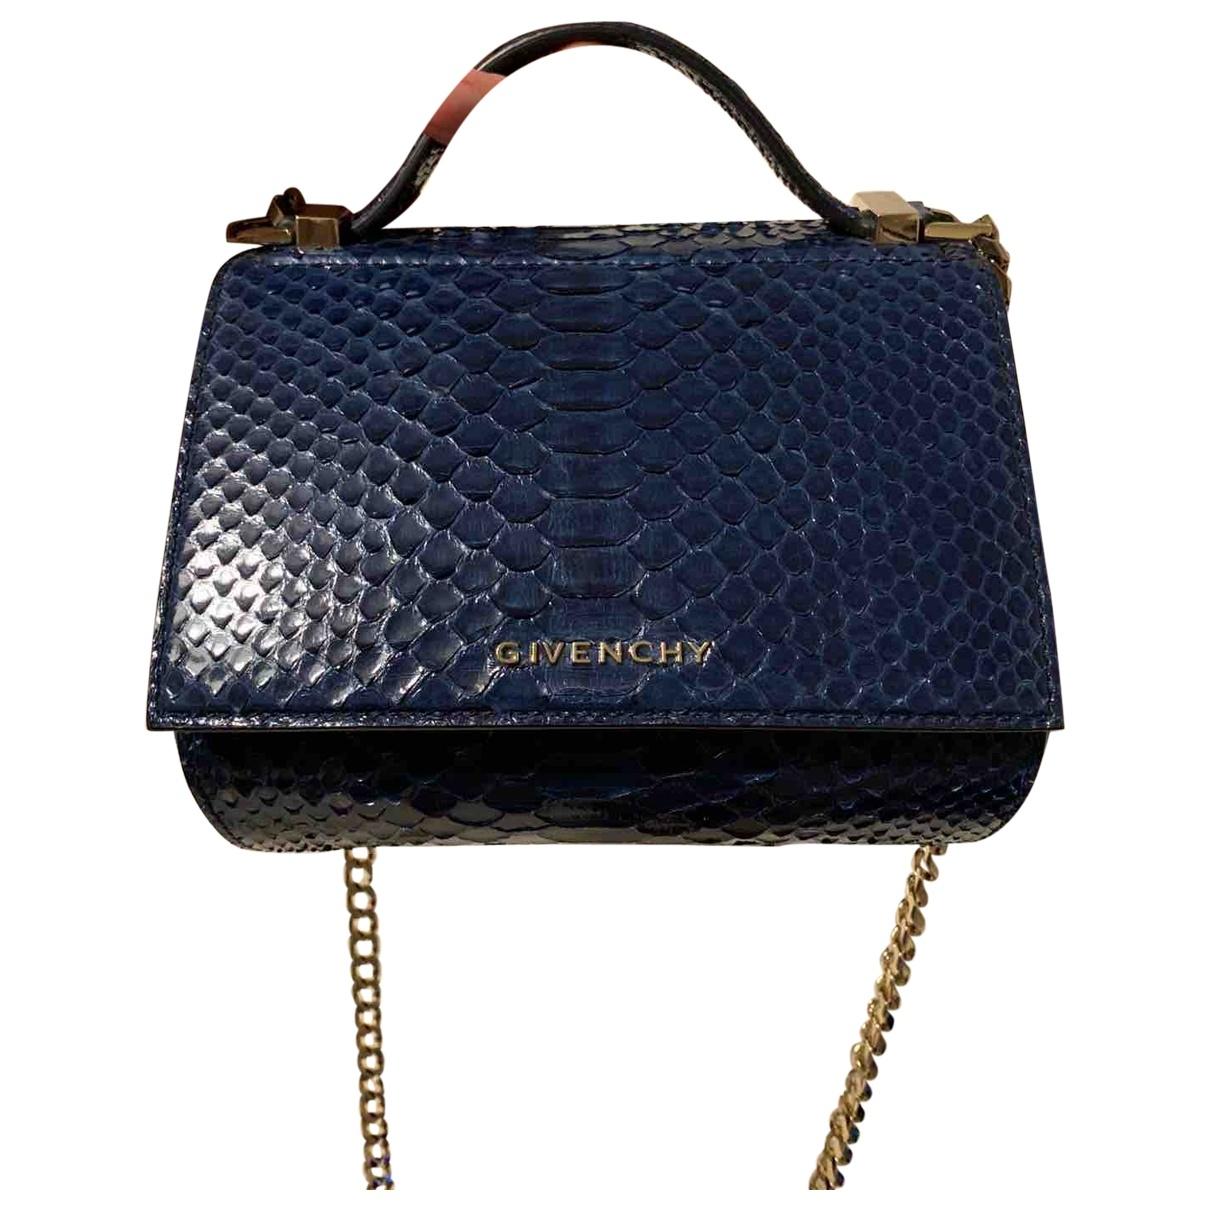 Givenchy Pandora Box Handtasche in  Blau Python